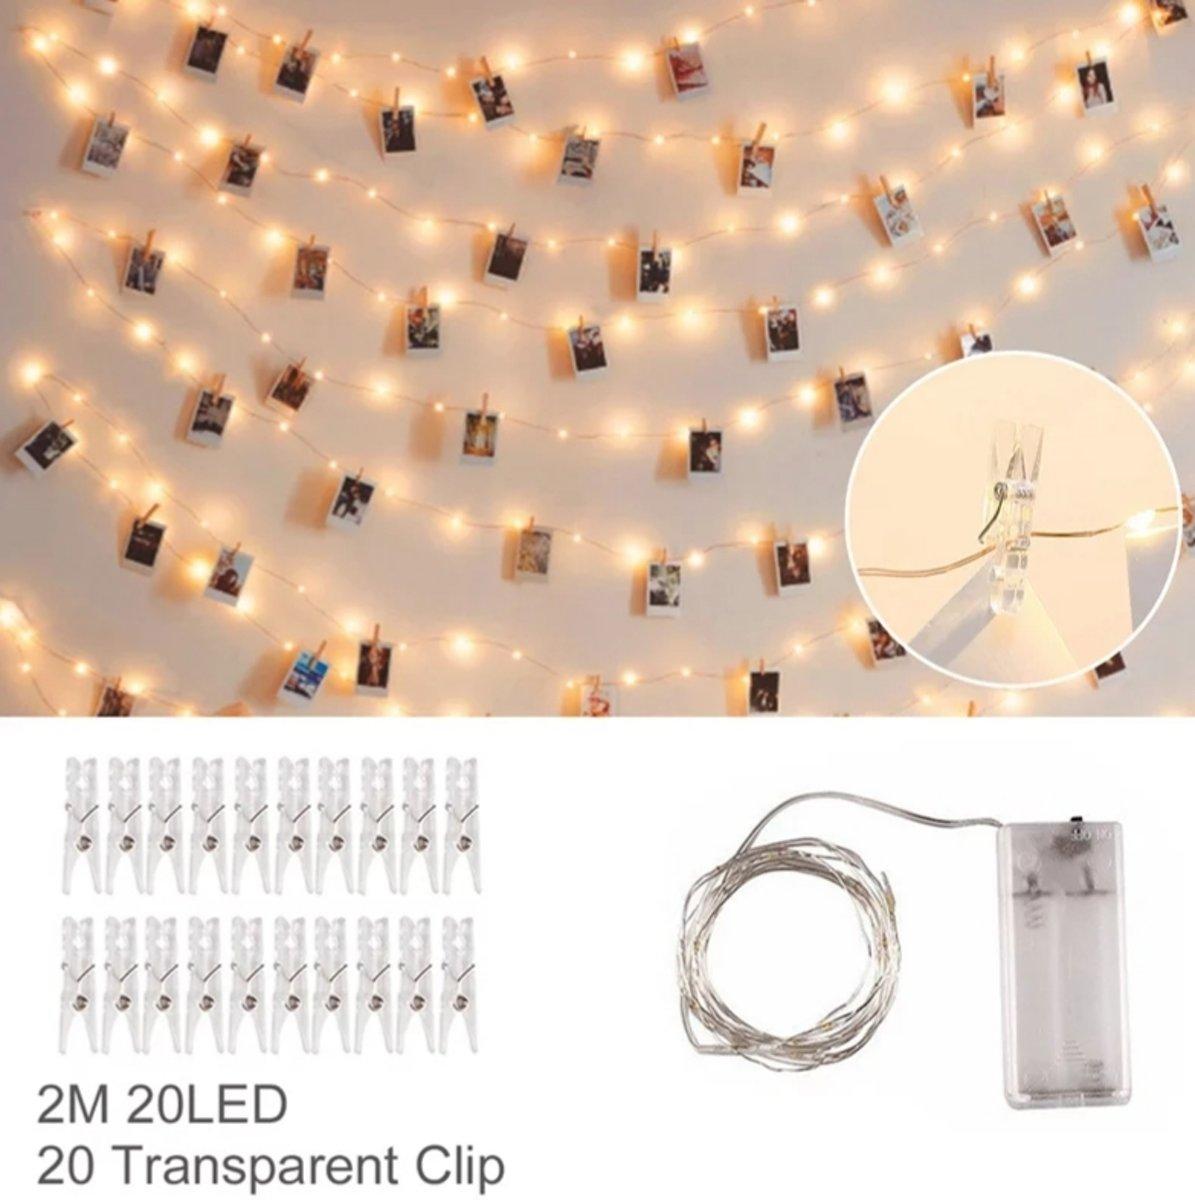 Led lampjes slinger - Foto knijpertjes - 2 meter - 20 lichtjes - Warm white - Kaarten houder - Kerst - Winter kopen